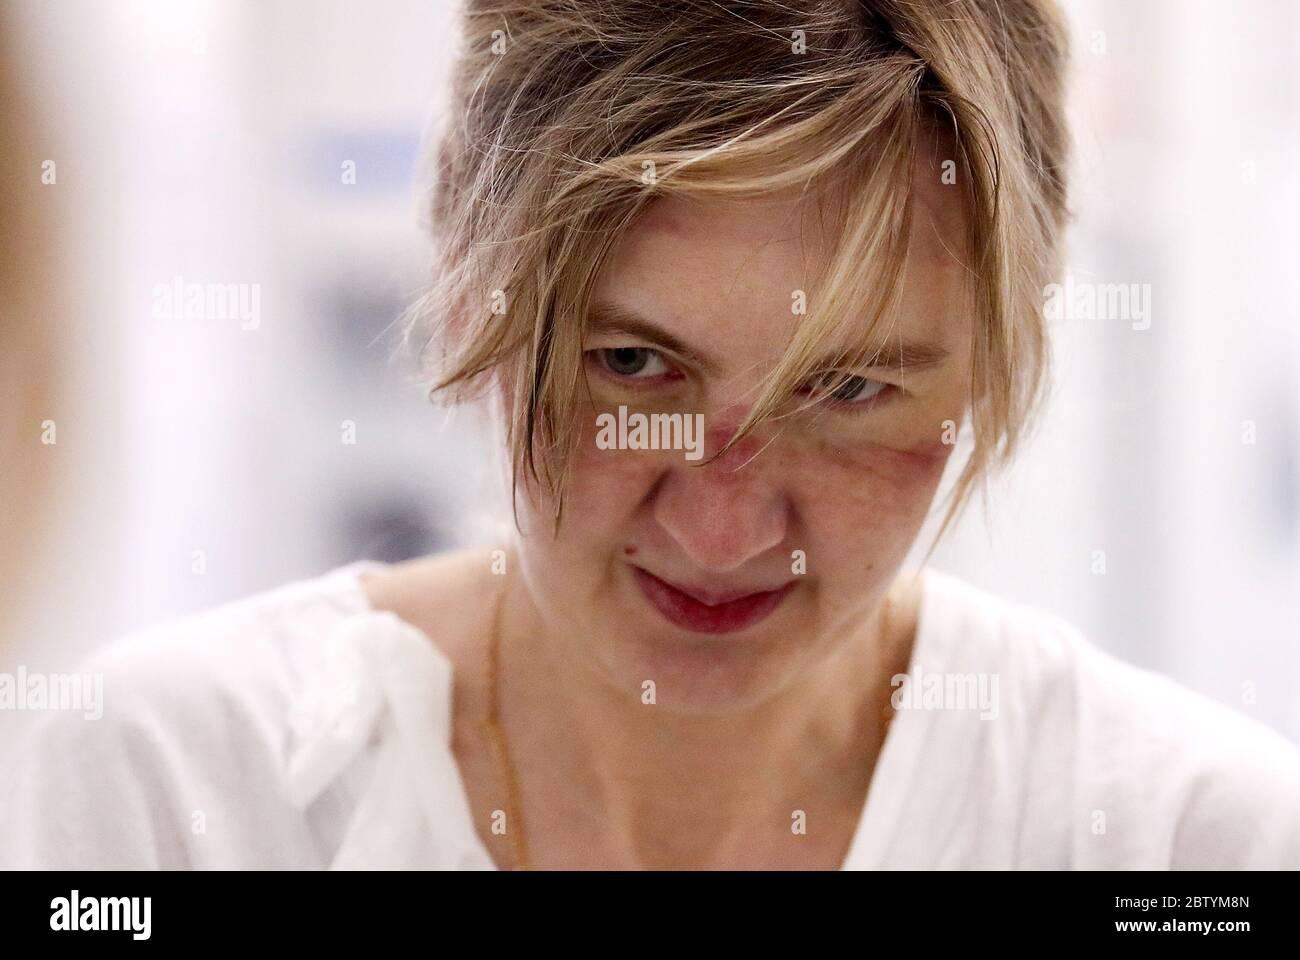 Moscou, Russie. 27 mai 2020. L'infirmière Olga Kalinina, après avoir quitté la « zone de repos » dans une unité de soins intensifs de l'hôpital clinique central de RZD Medicine, sur la route Volokolamskoye de Moscou, a été réutilisée pour traiter les patients atteints de COVID-19. Crédit : Valery Sharifulin/TASS/Alay Live News Banque D'Images